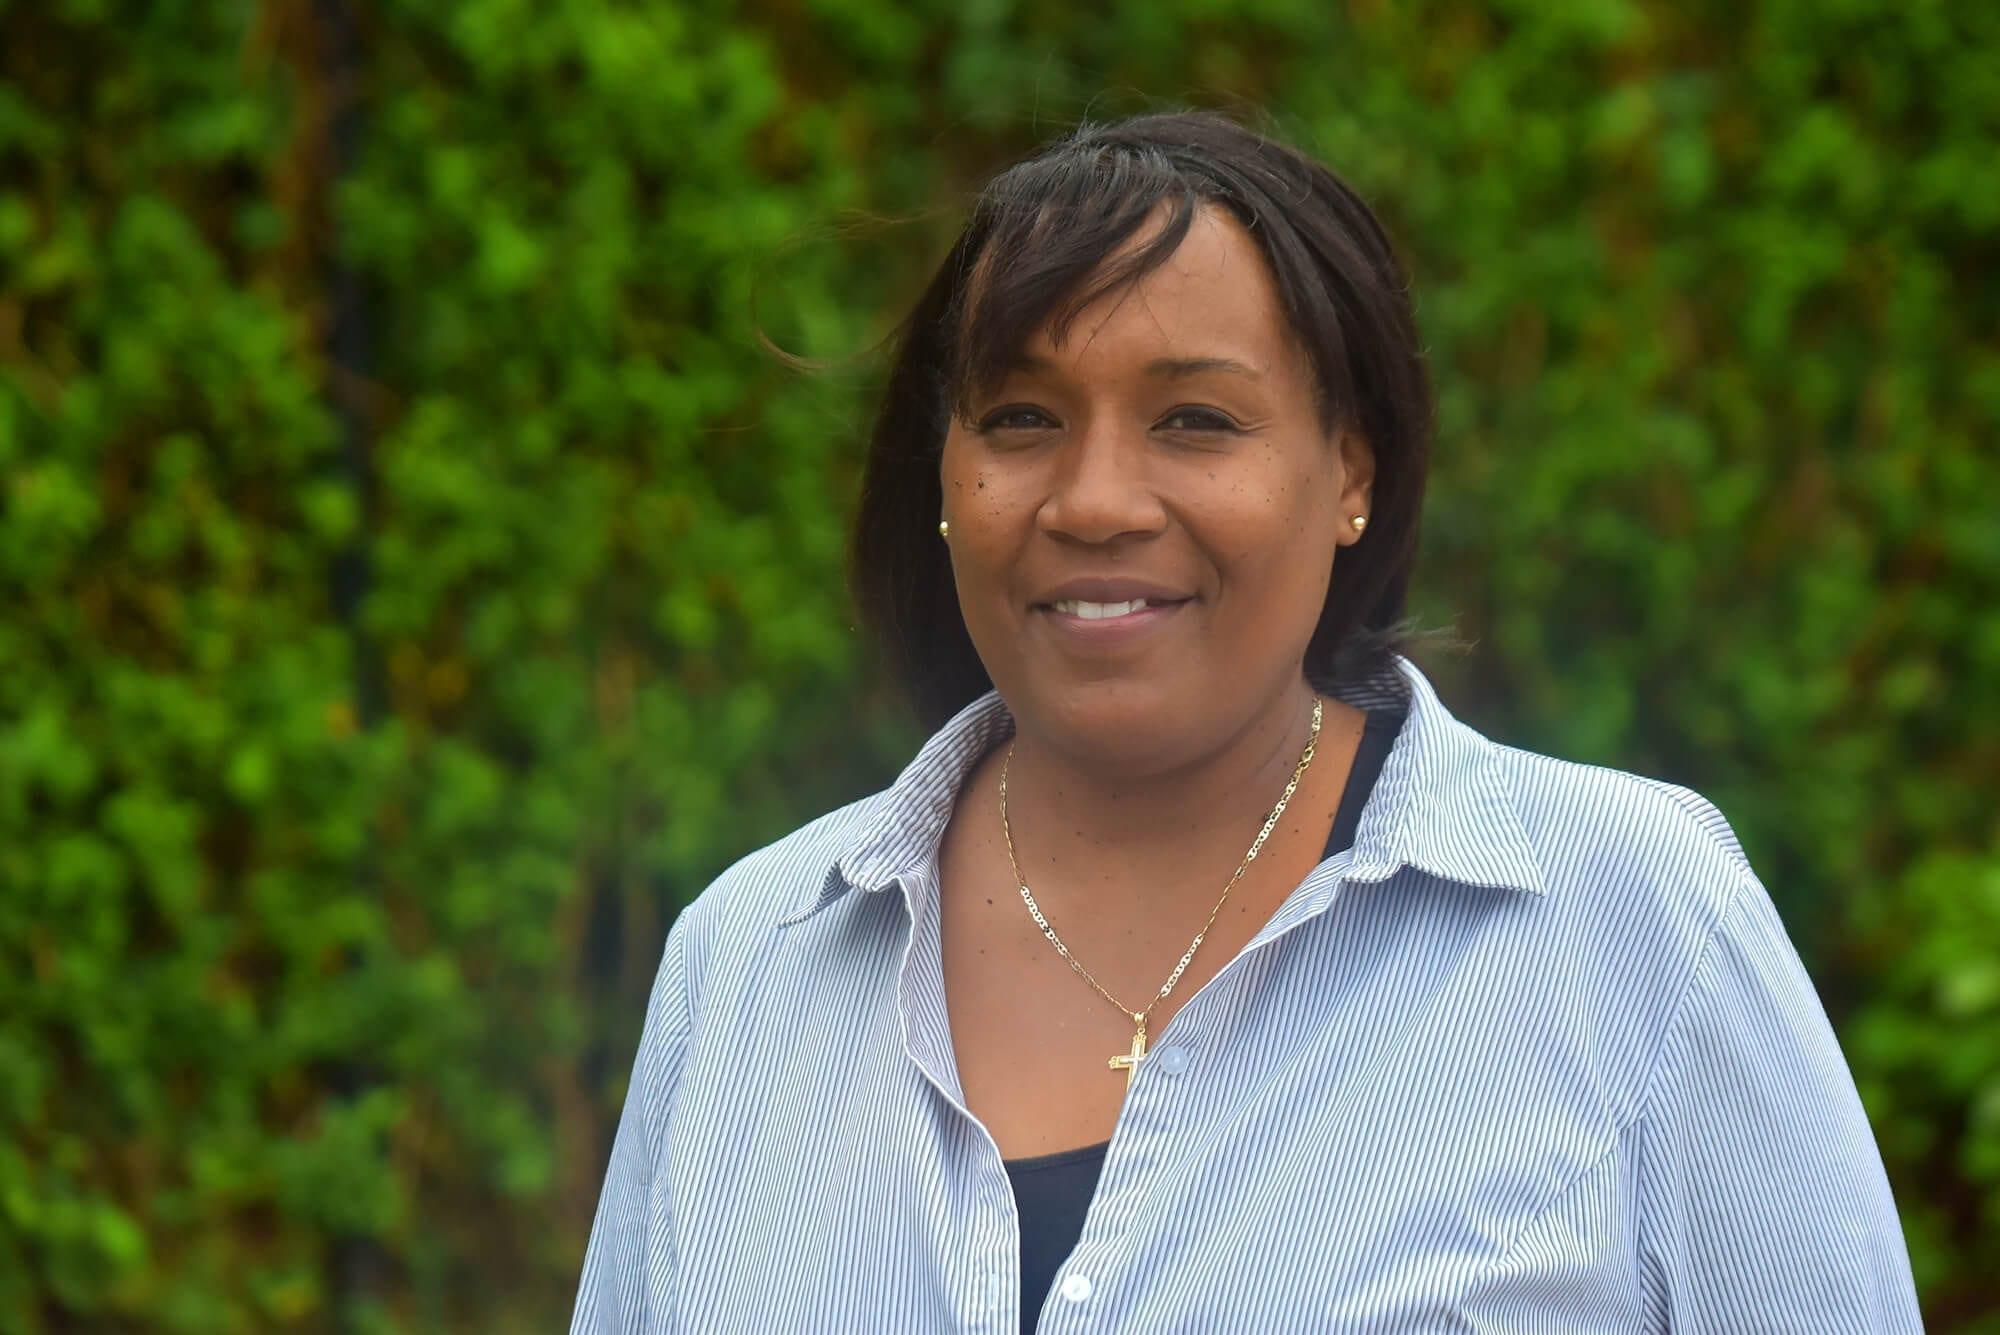 Crucelina Motta LaSalle, Job Coach, EBS Staten Island